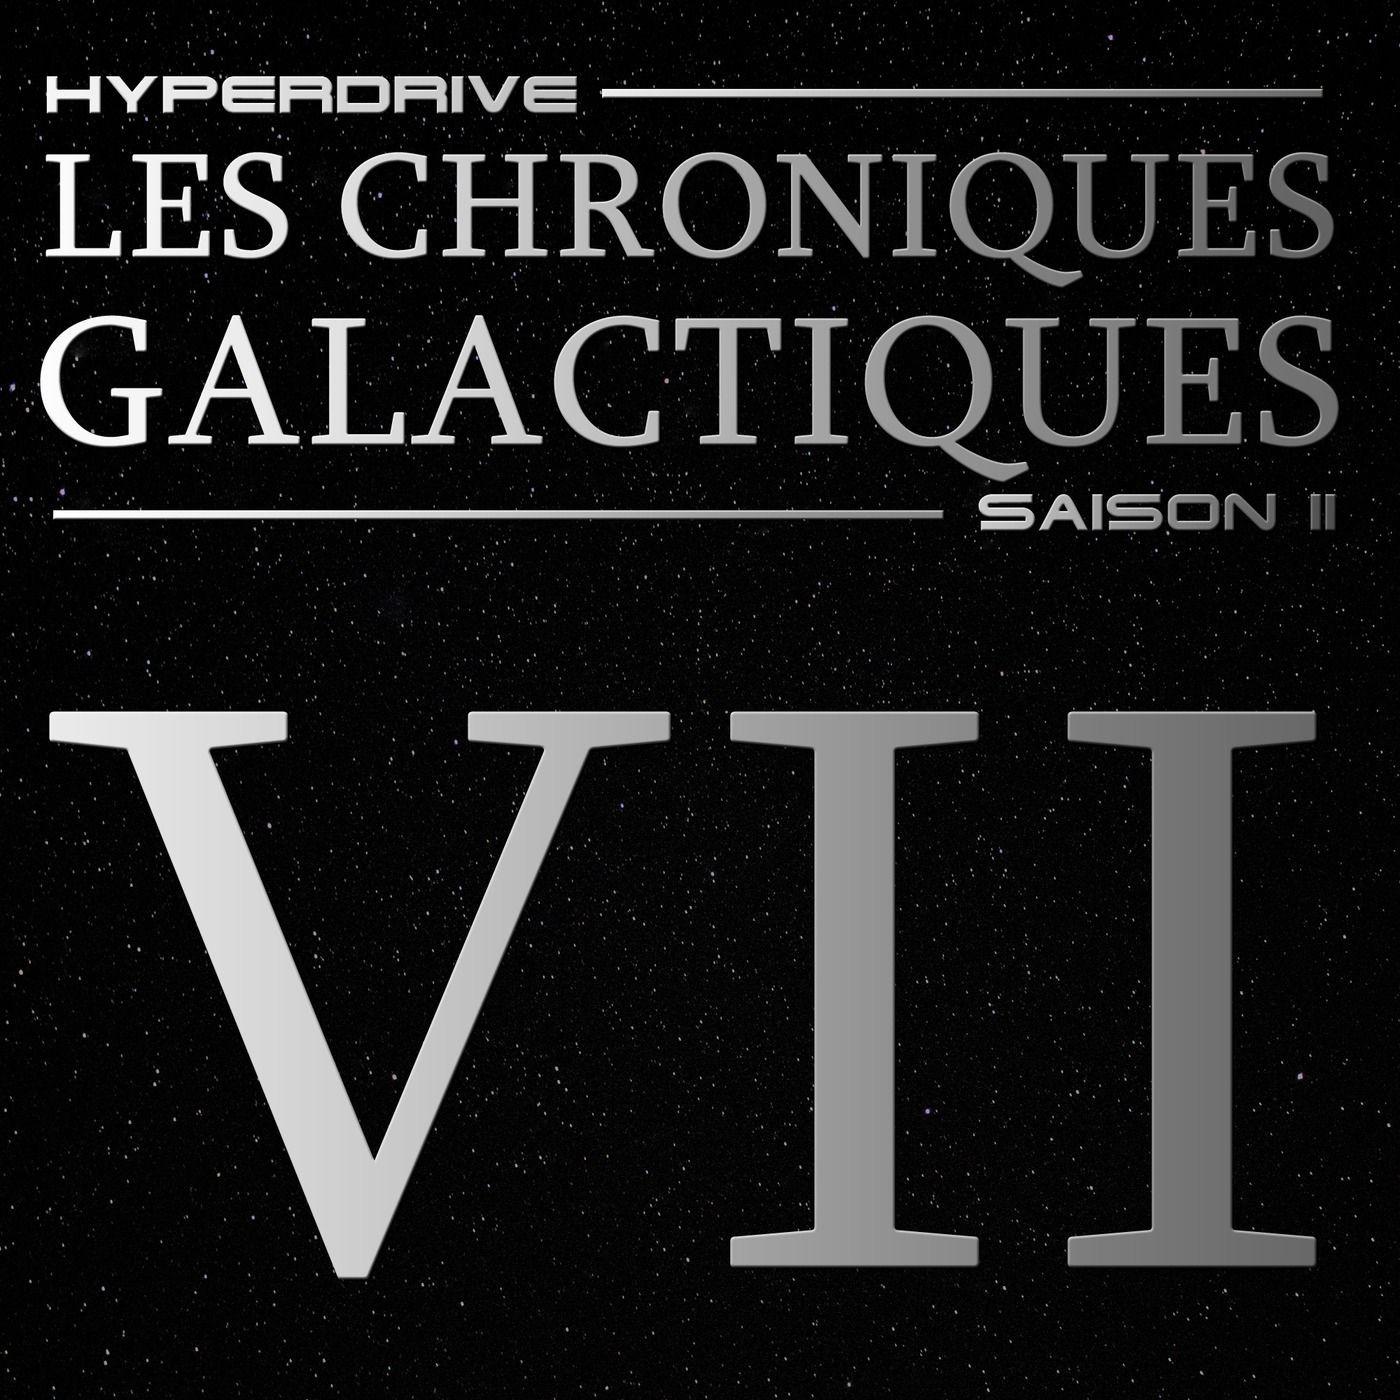 Chroniques Galactiques - S02 - Episode 7/7 - Salopards de rebelles